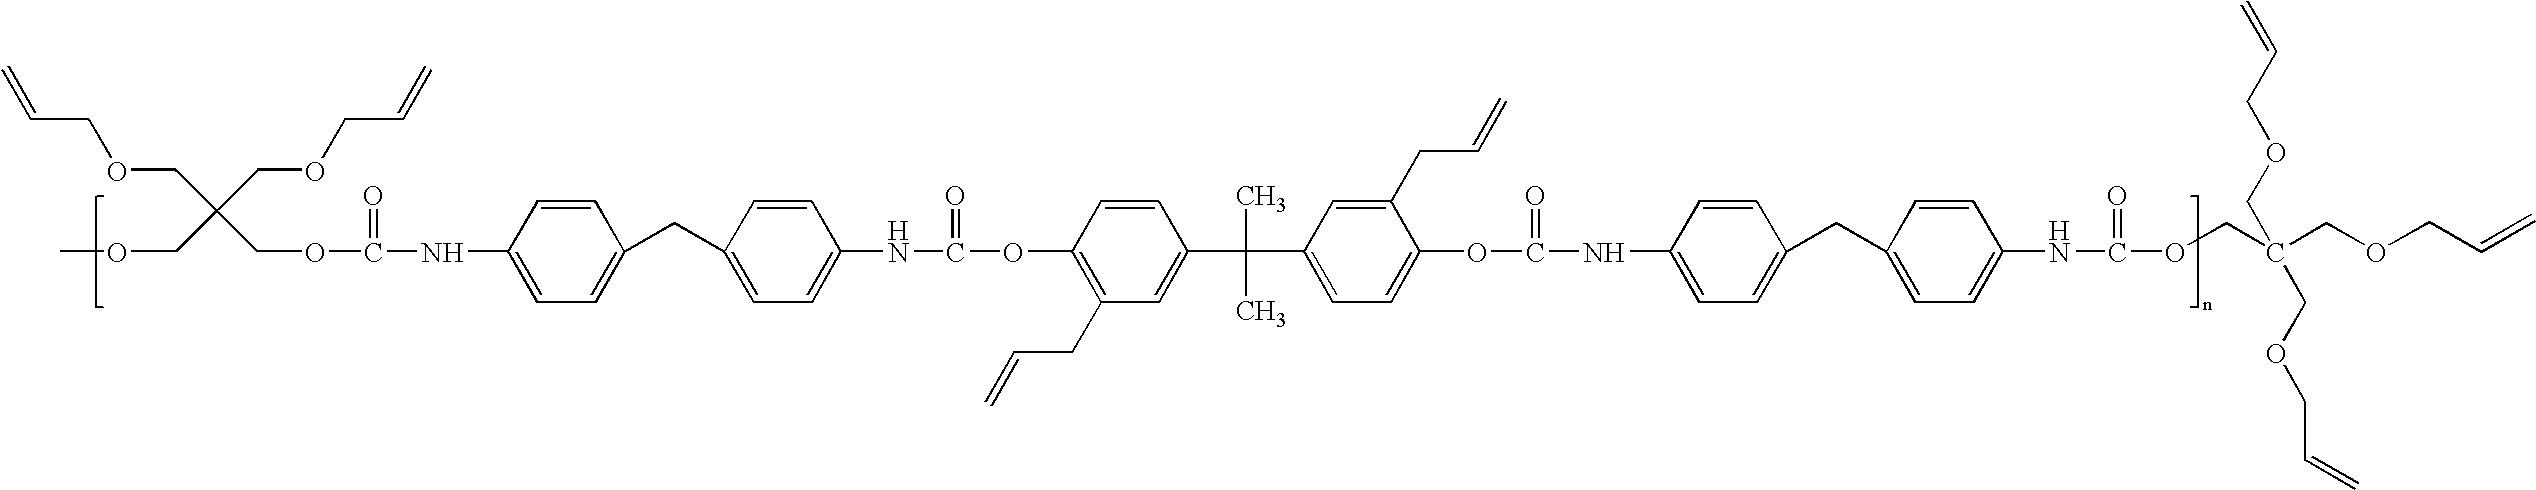 Figure US20060052547A1-20060309-C00081